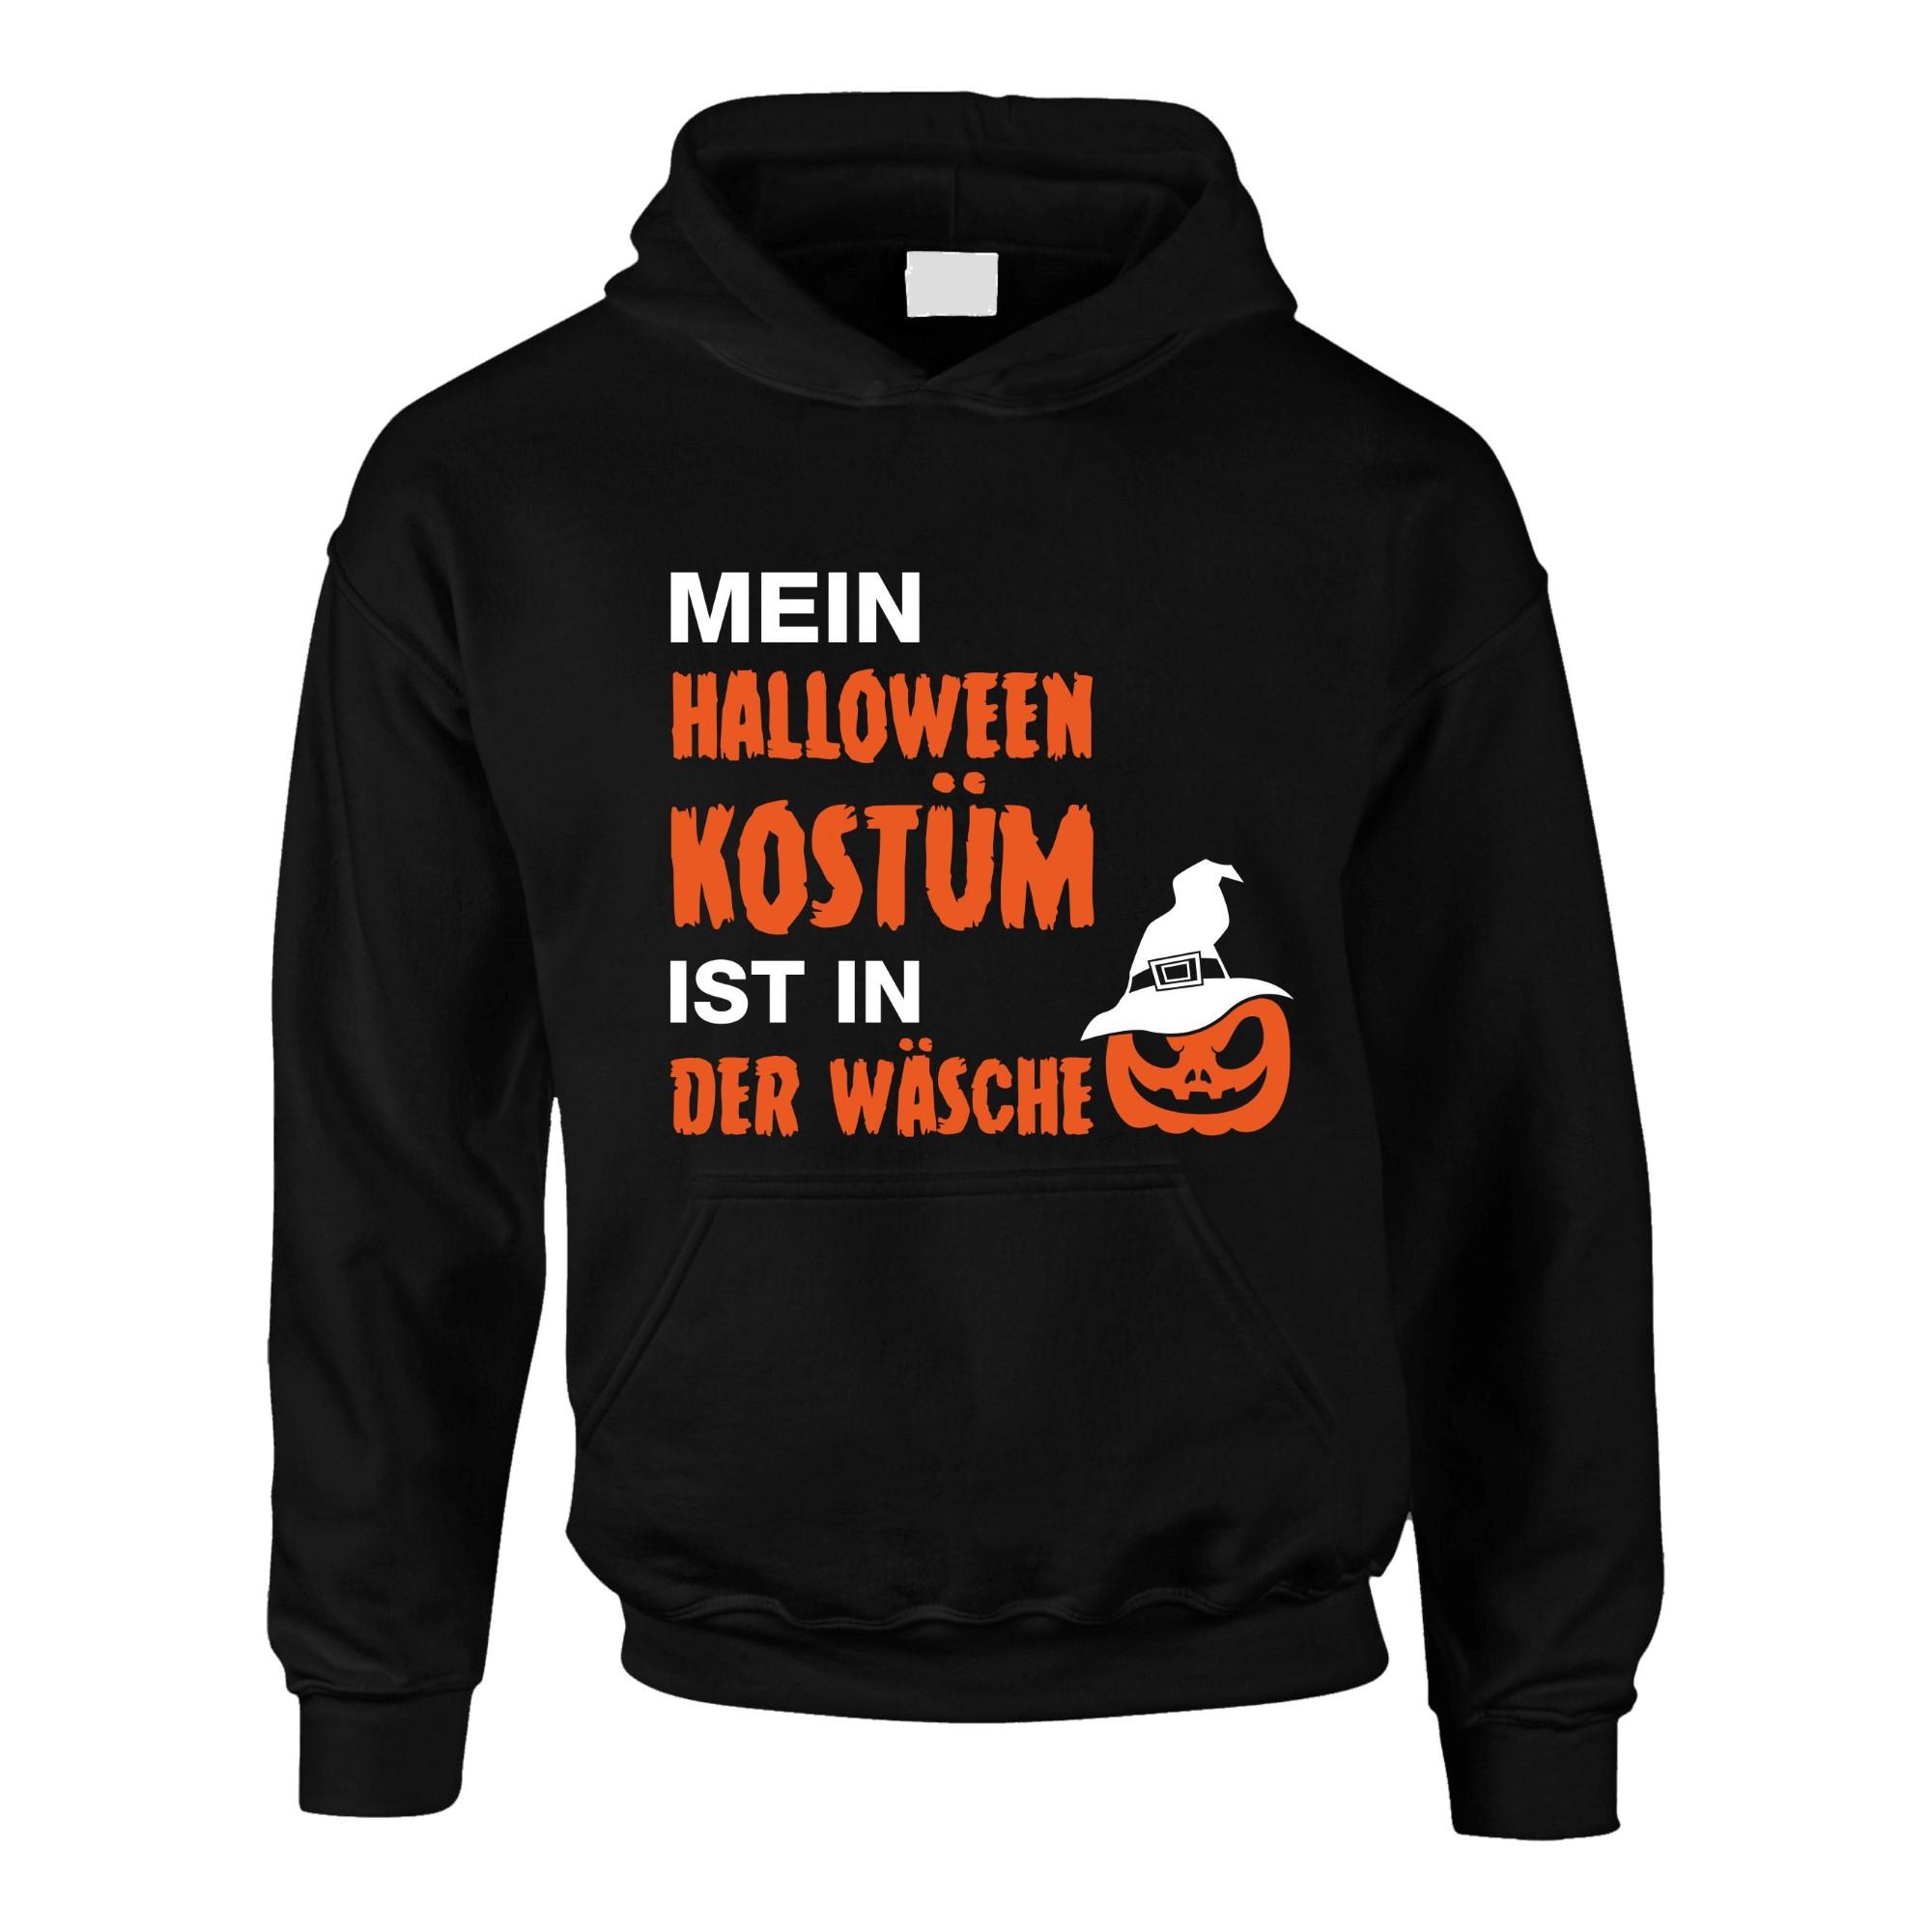 Kinder-Hoodie-Mein-Halloween-Kostüm-schwarz-weiss.jpg